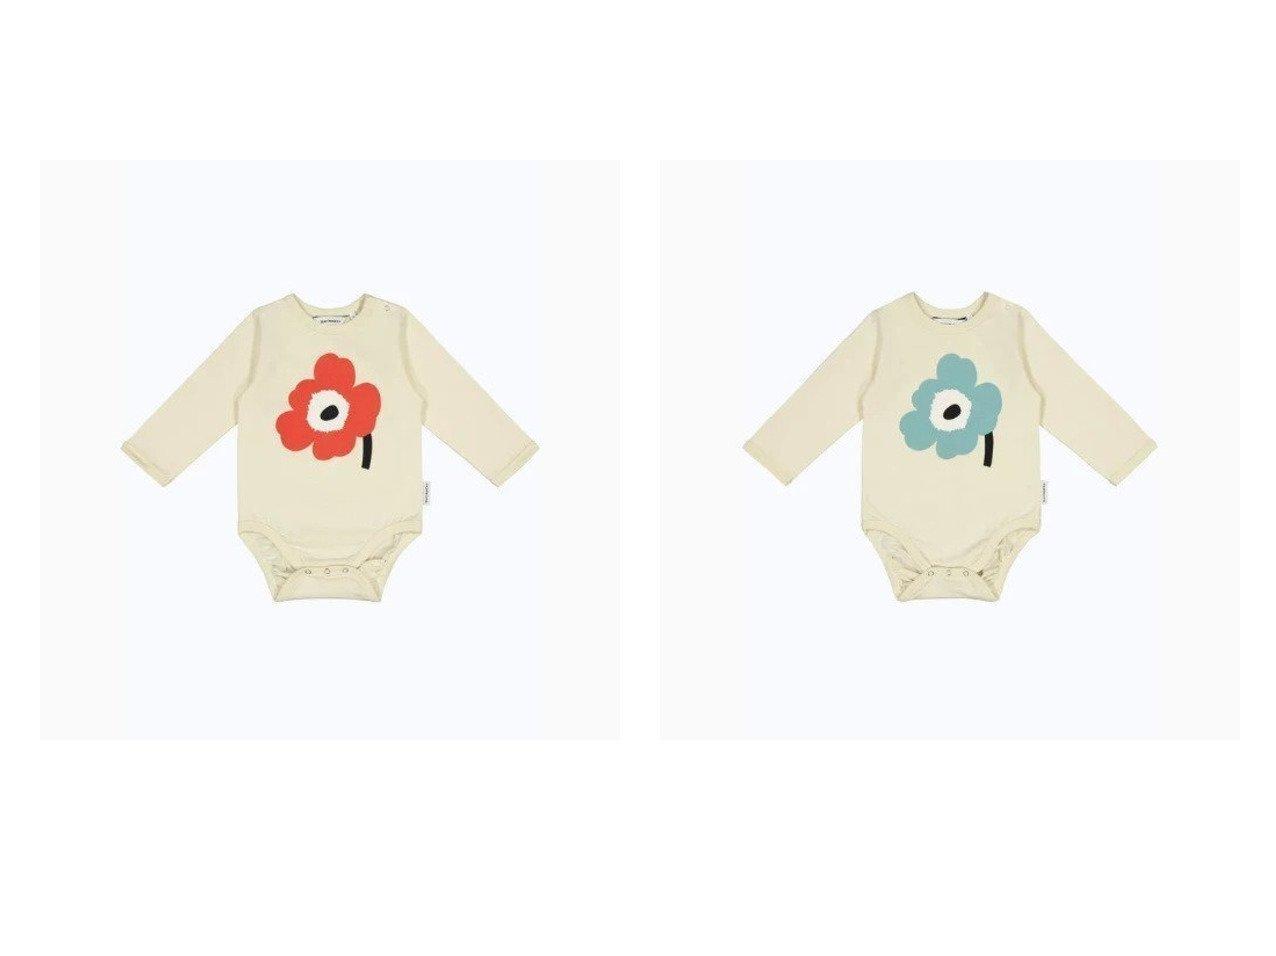 【marimekko / KIDS/マリメッコ】の[KIDS]Vinde Unikko 長袖ロンパース マリメッコのおすすめ!人気、トレンド・レディースファッションの通販 おすすめで人気の流行・トレンド、ファッションの通販商品 メンズファッション・キッズファッション・インテリア・家具・レディースファッション・服の通販 founy(ファニー) https://founy.com/ ファッション Fashion キッズファッション KIDS おすすめ Recommend フロント プリント ベビー モチーフ ロンパース 長袖 |ID:crp329100000021914